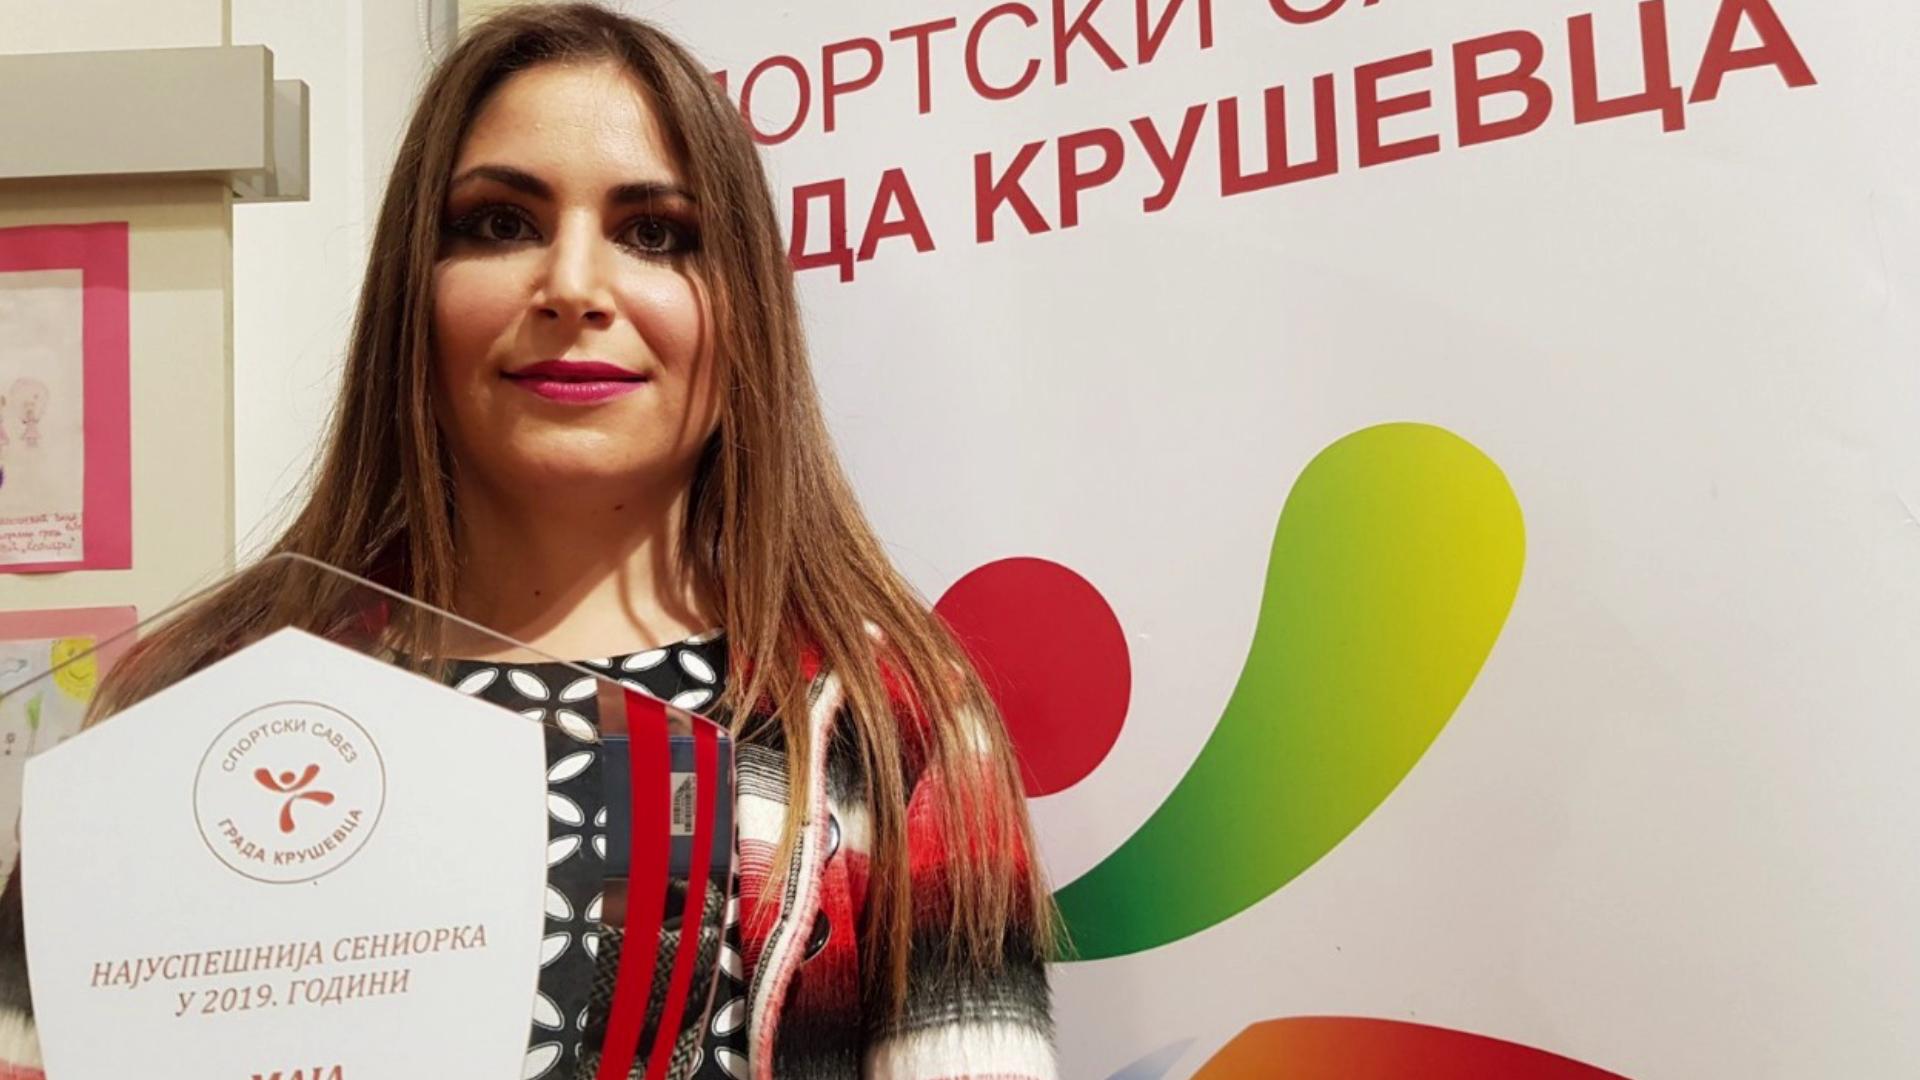 Maja Milosavljević sportiskinjagrada Kruševca treću godinu za redom